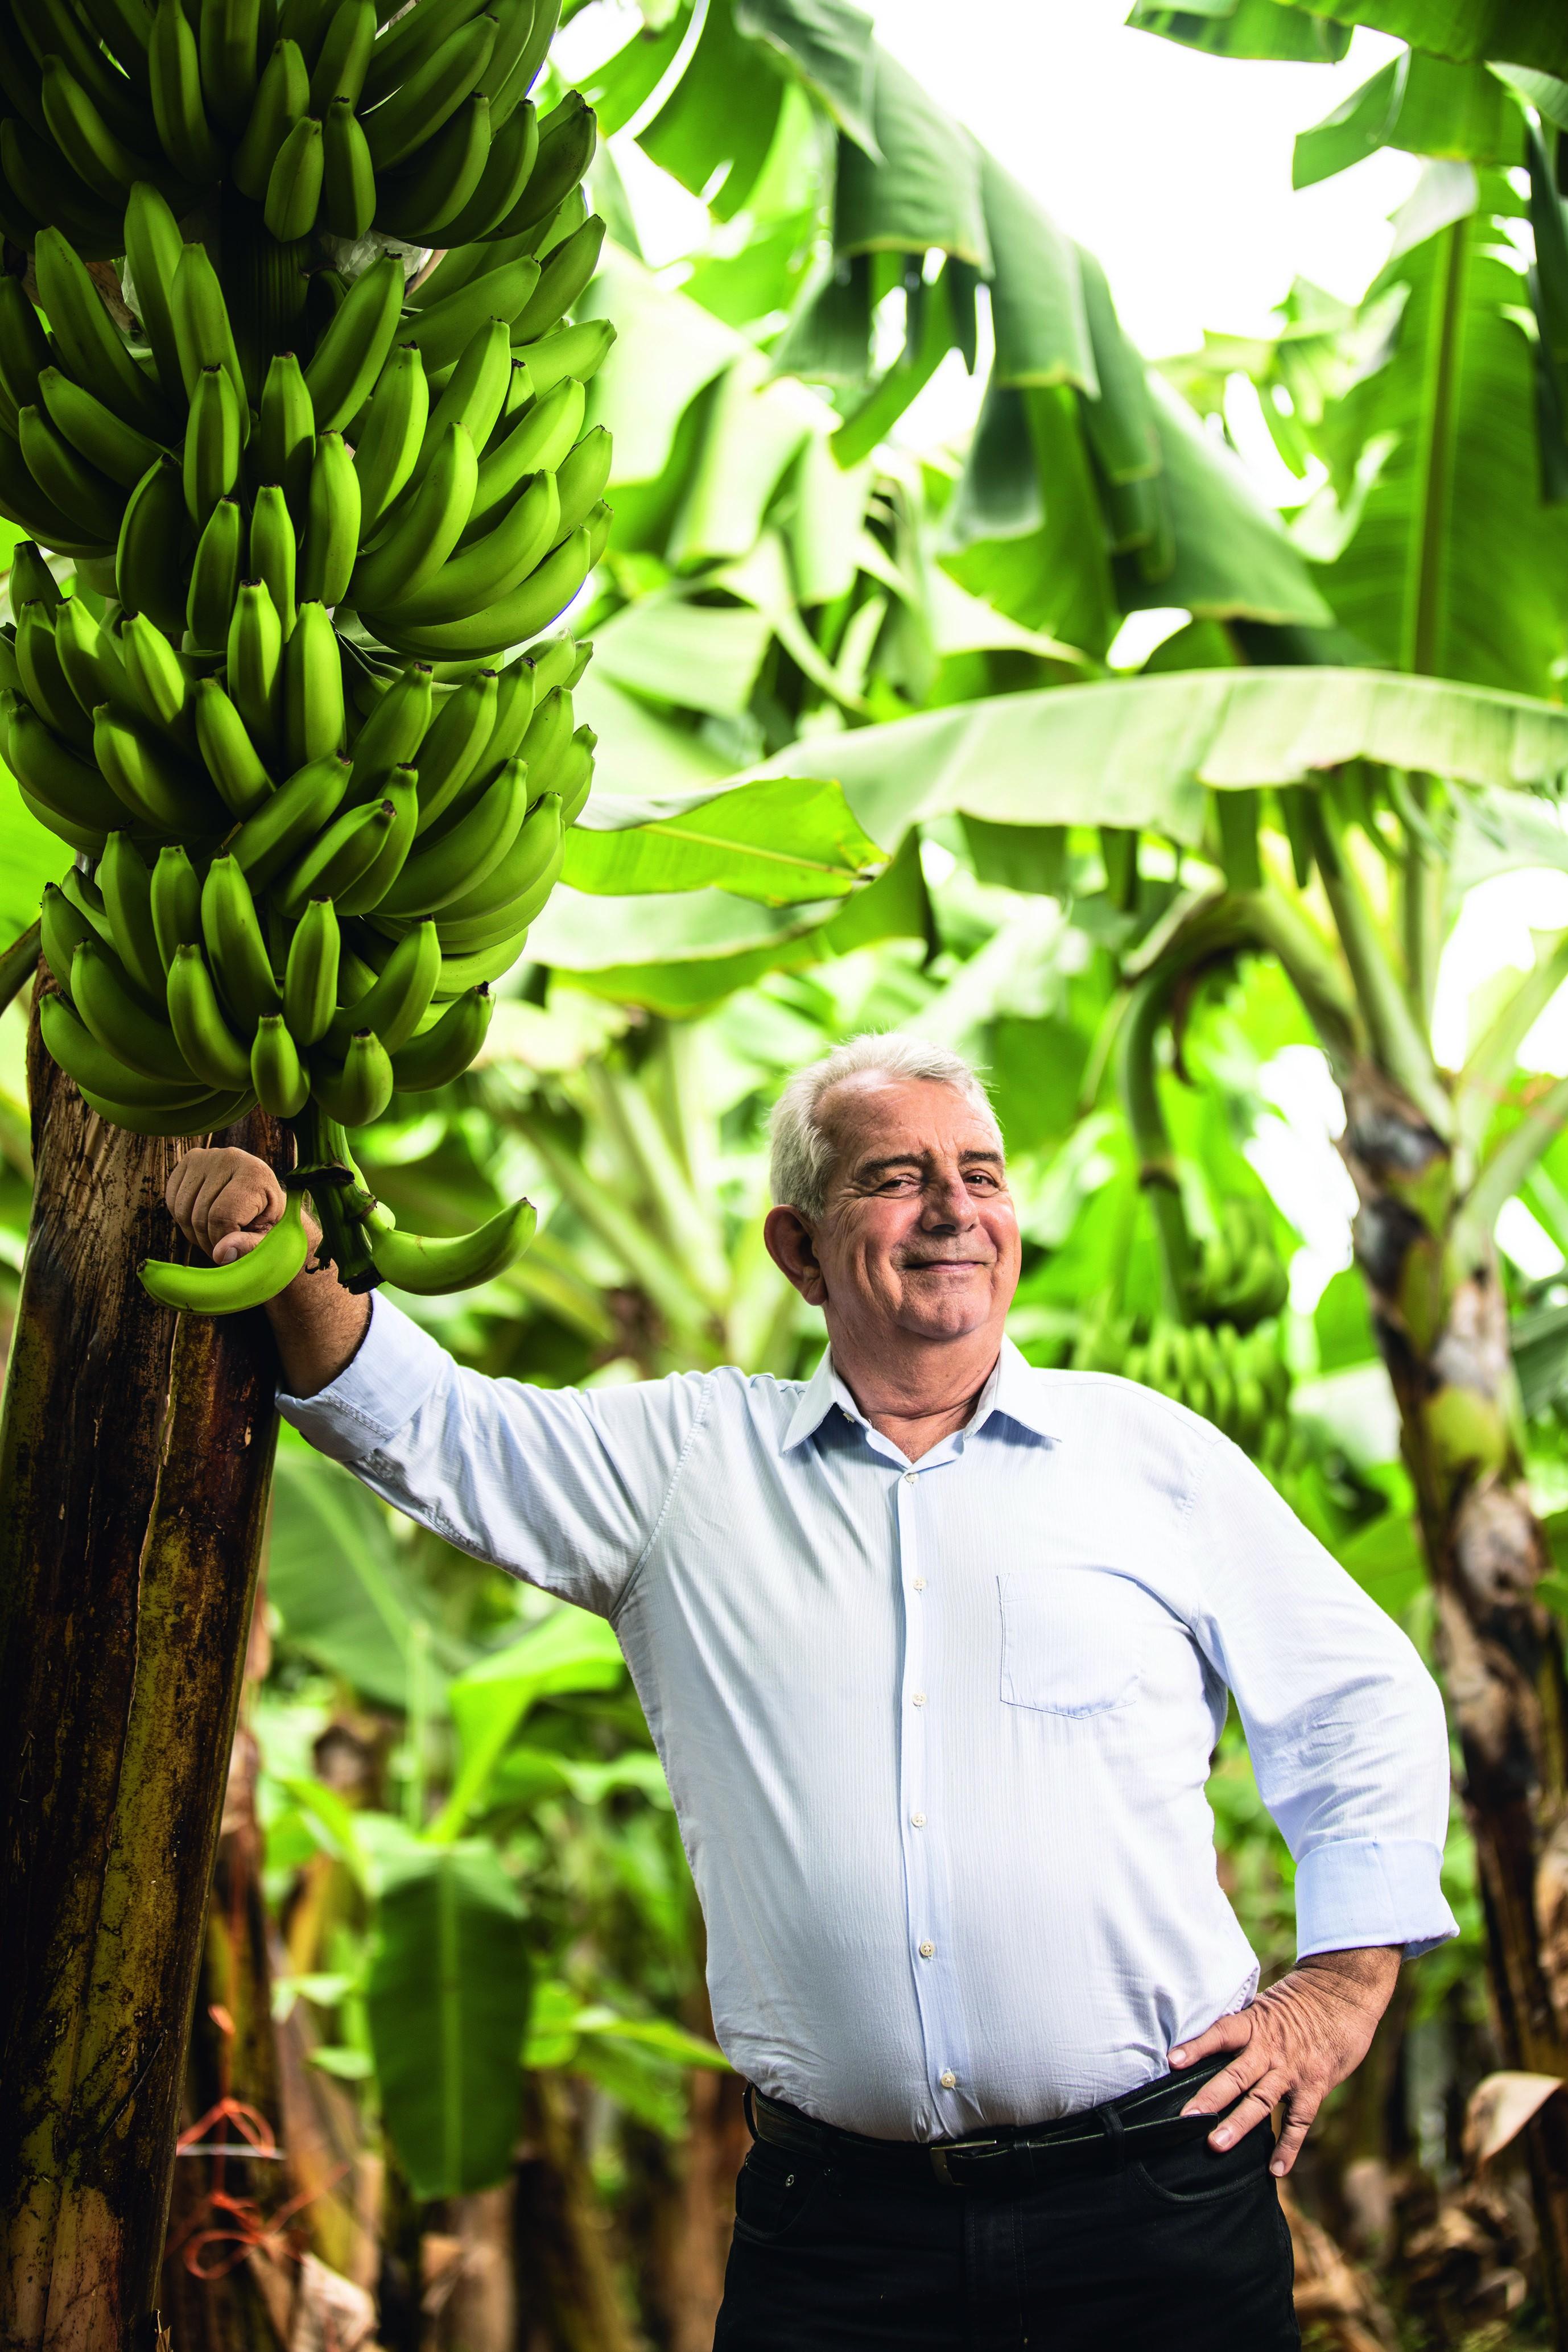 O paulistano que migrou para o Ceará em 1999 se tornou o maior exportador de bananas do Brasil para o mercado europeu (Foto: Luiz Maximiano/Editora Globo)